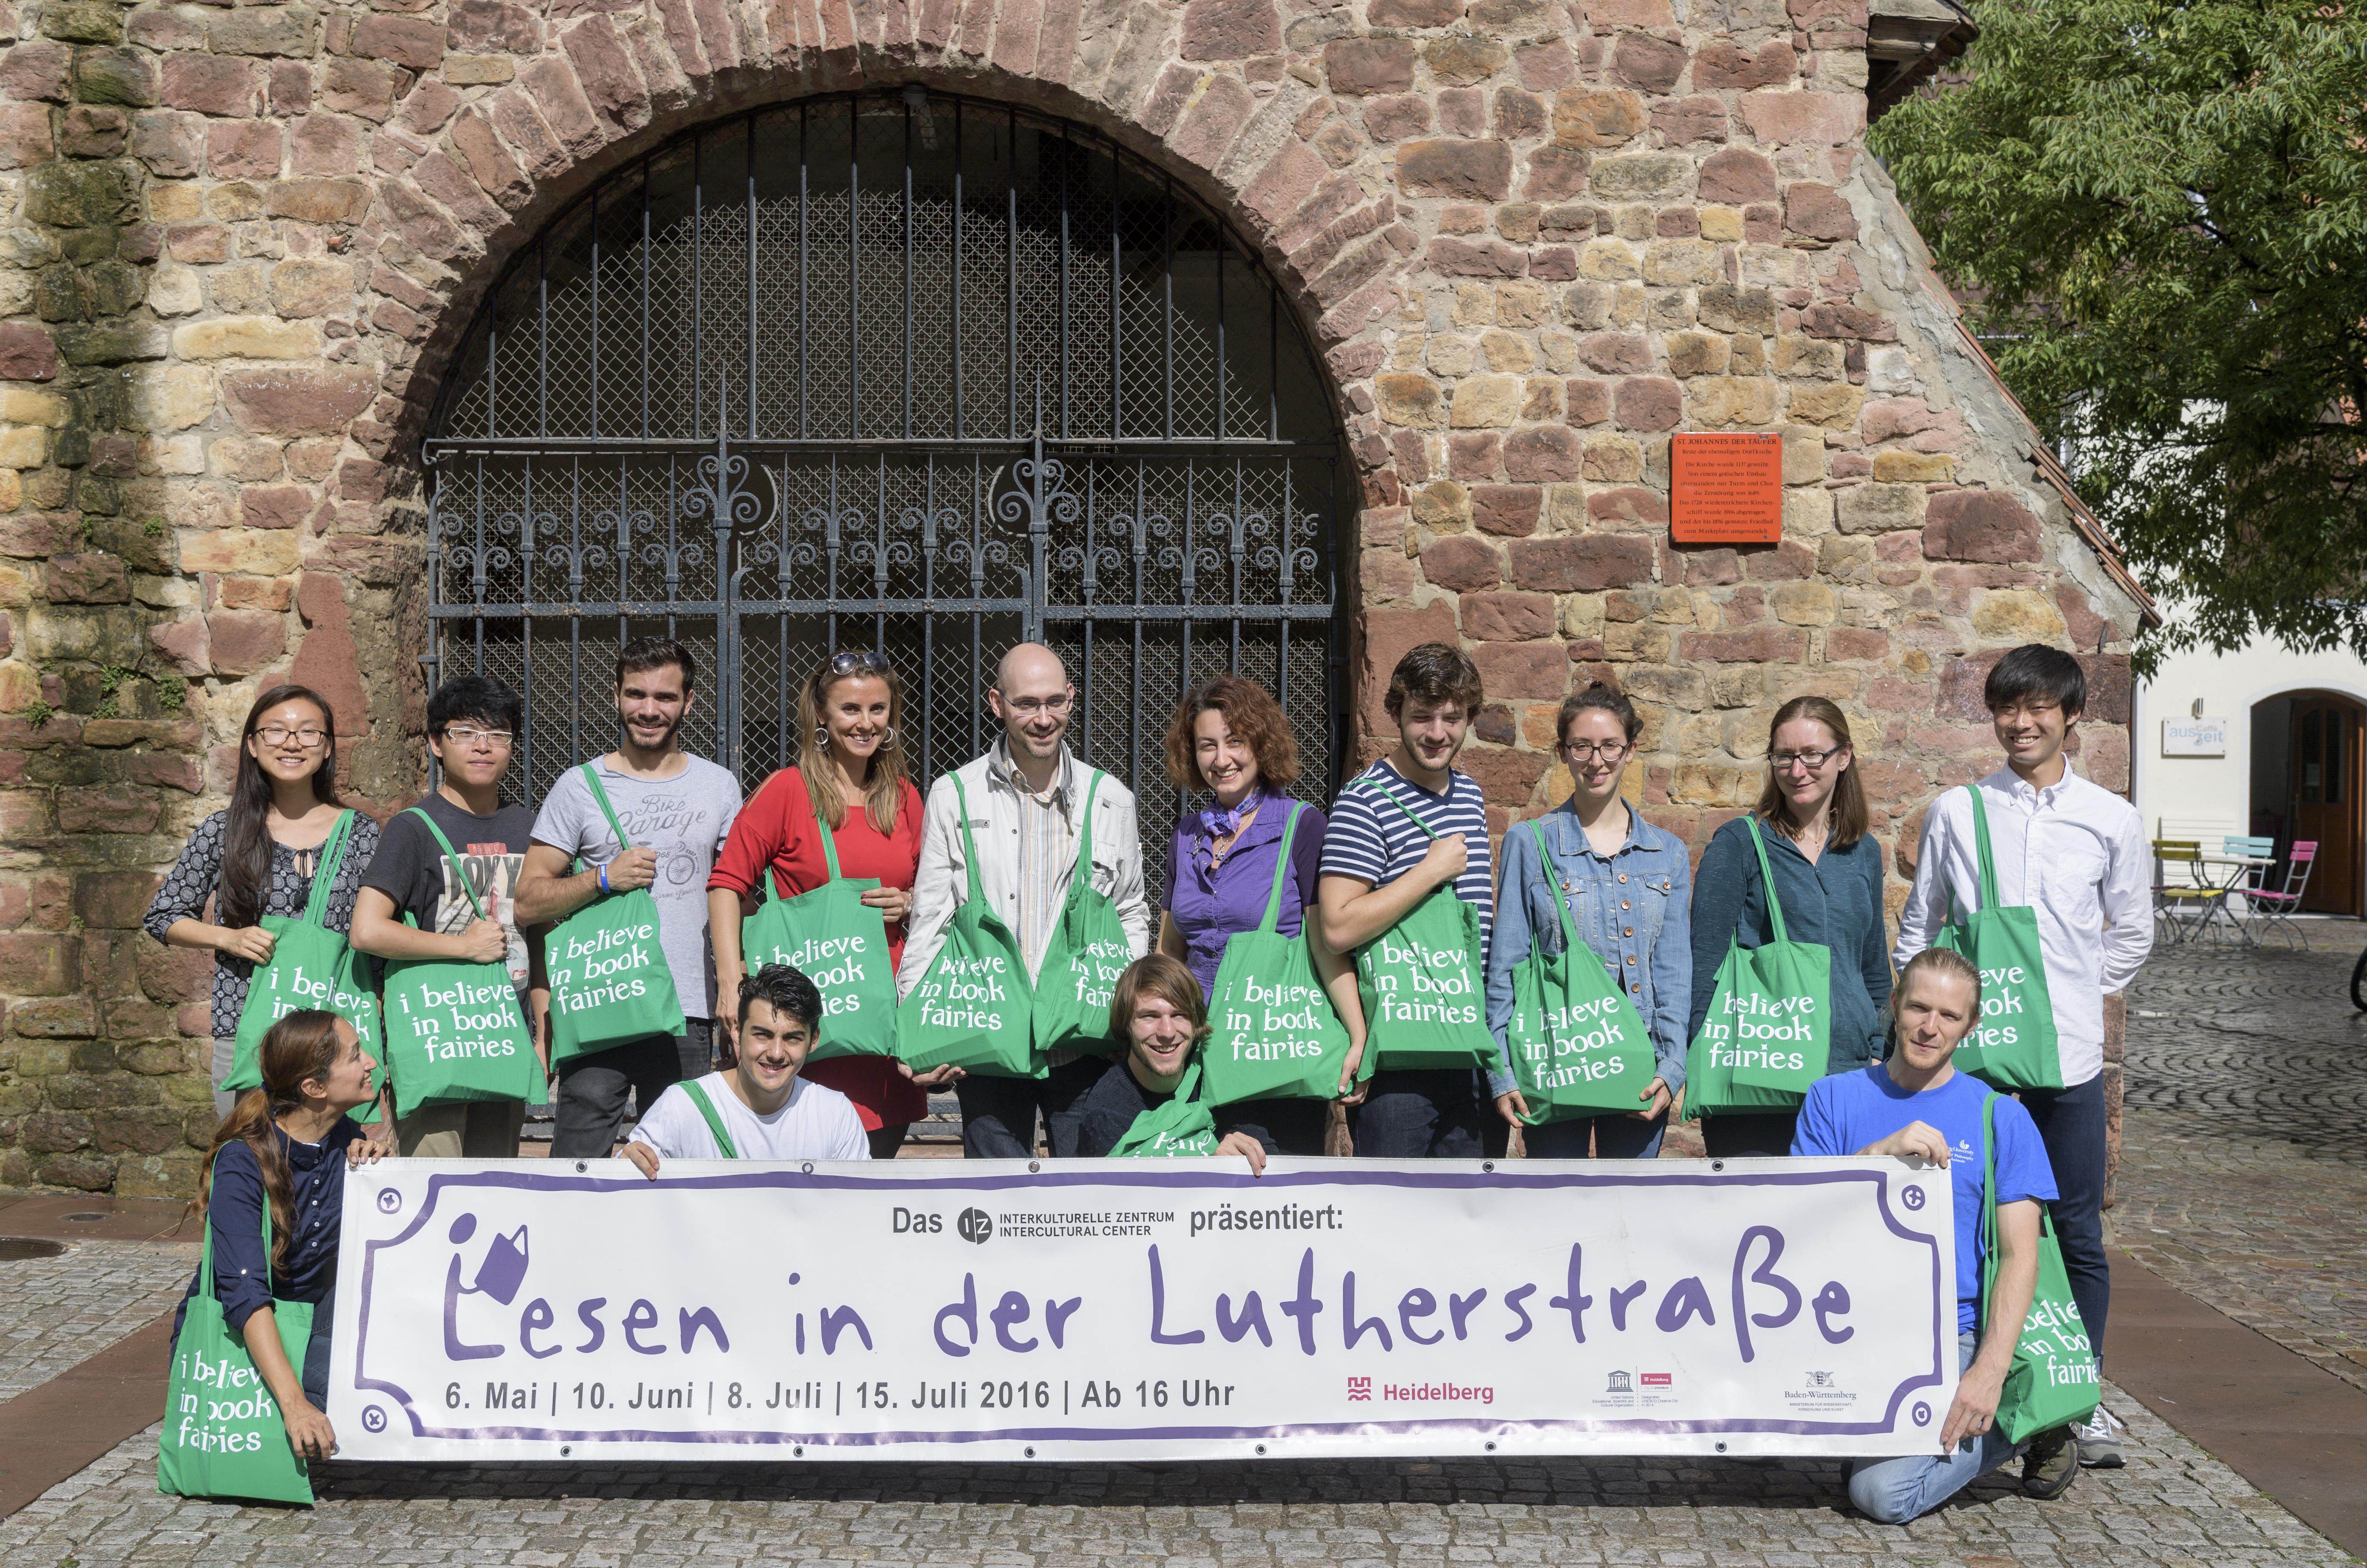 """Das internationale Buchprojekt """"Book Fairies"""" unterstützt die Aktion """"Lesen in der Lutherstraße"""" des Interkulturellen Zentrums der Stadt Heidelberg. Foto: Philipp Rothe"""